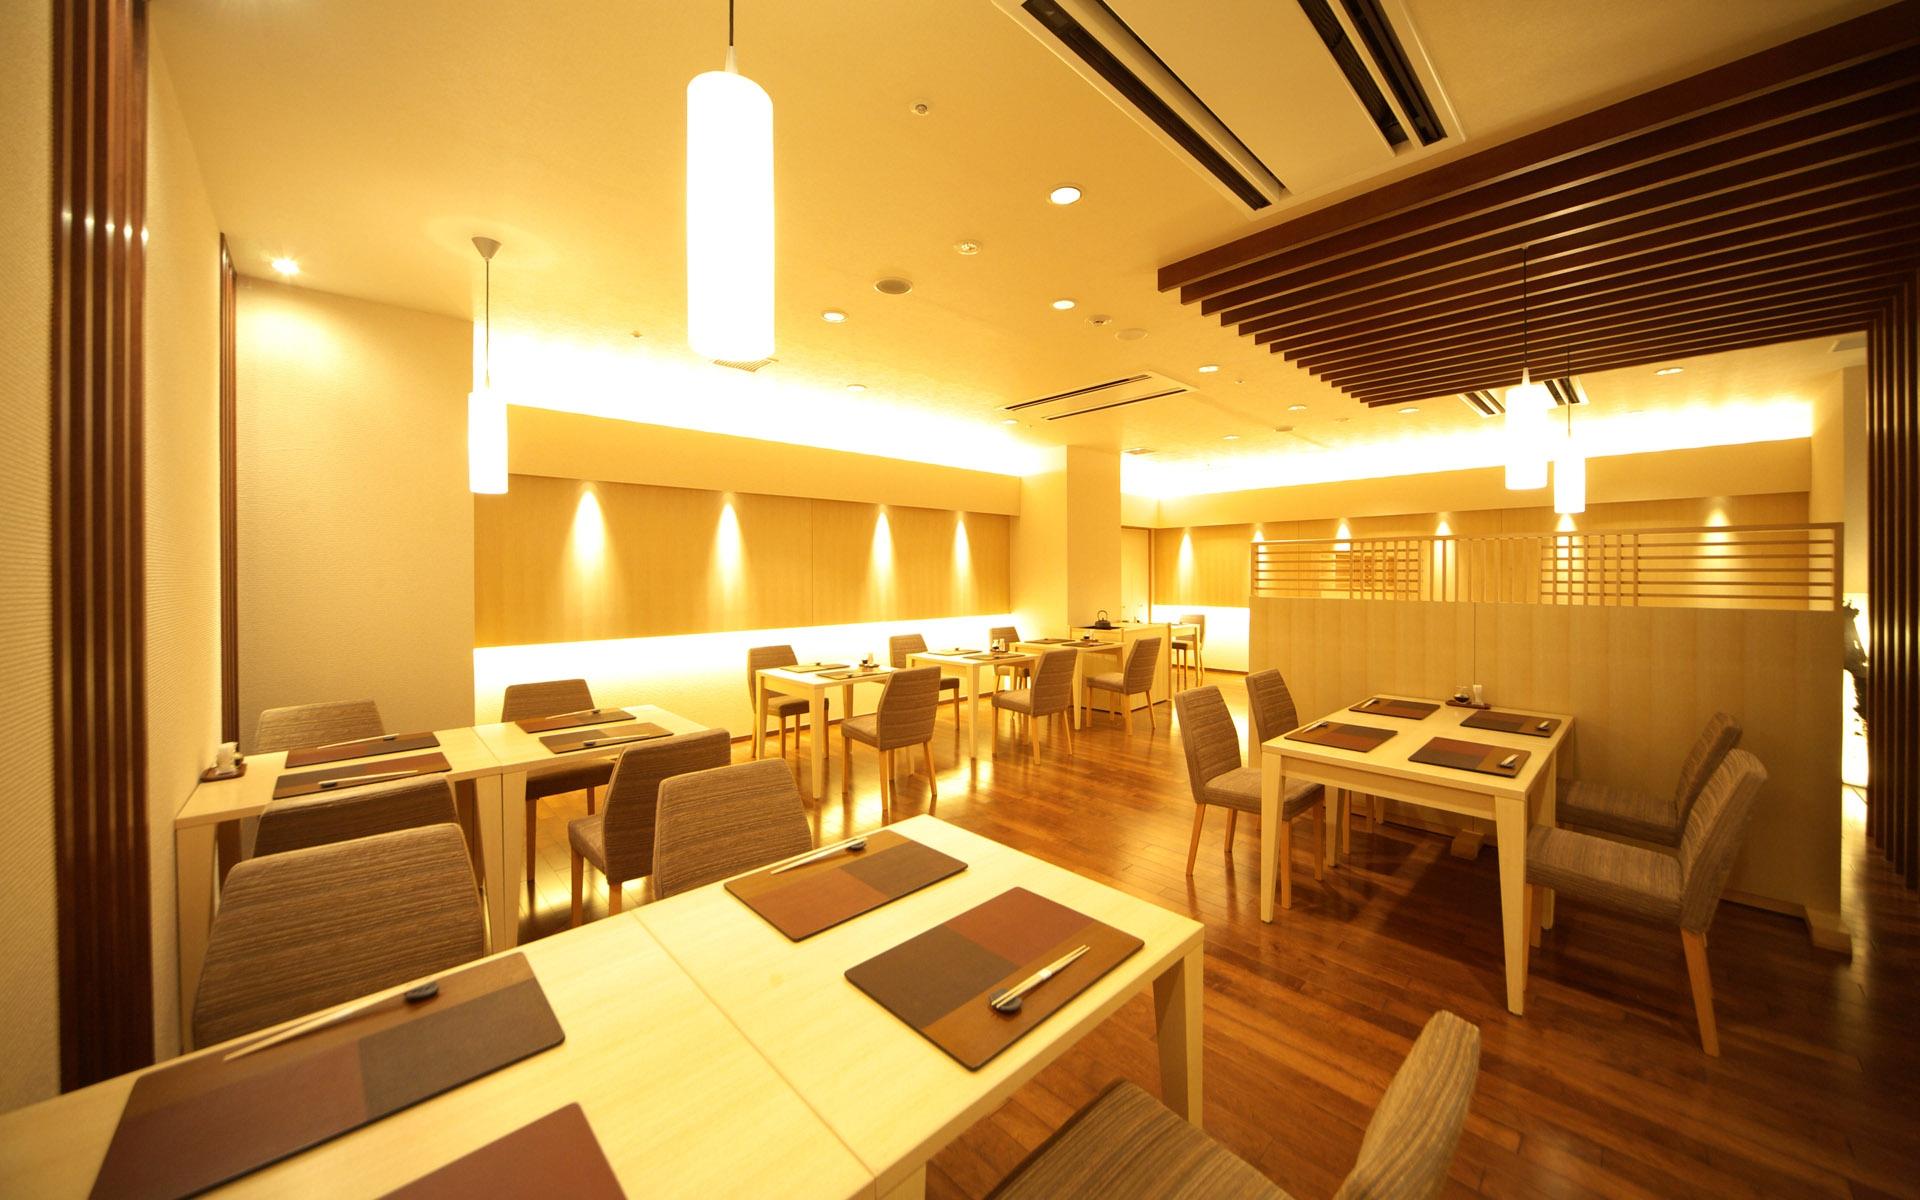 Illuminazione Tavoli Ristorante : Sfondi camera ristorante interior design tenuta